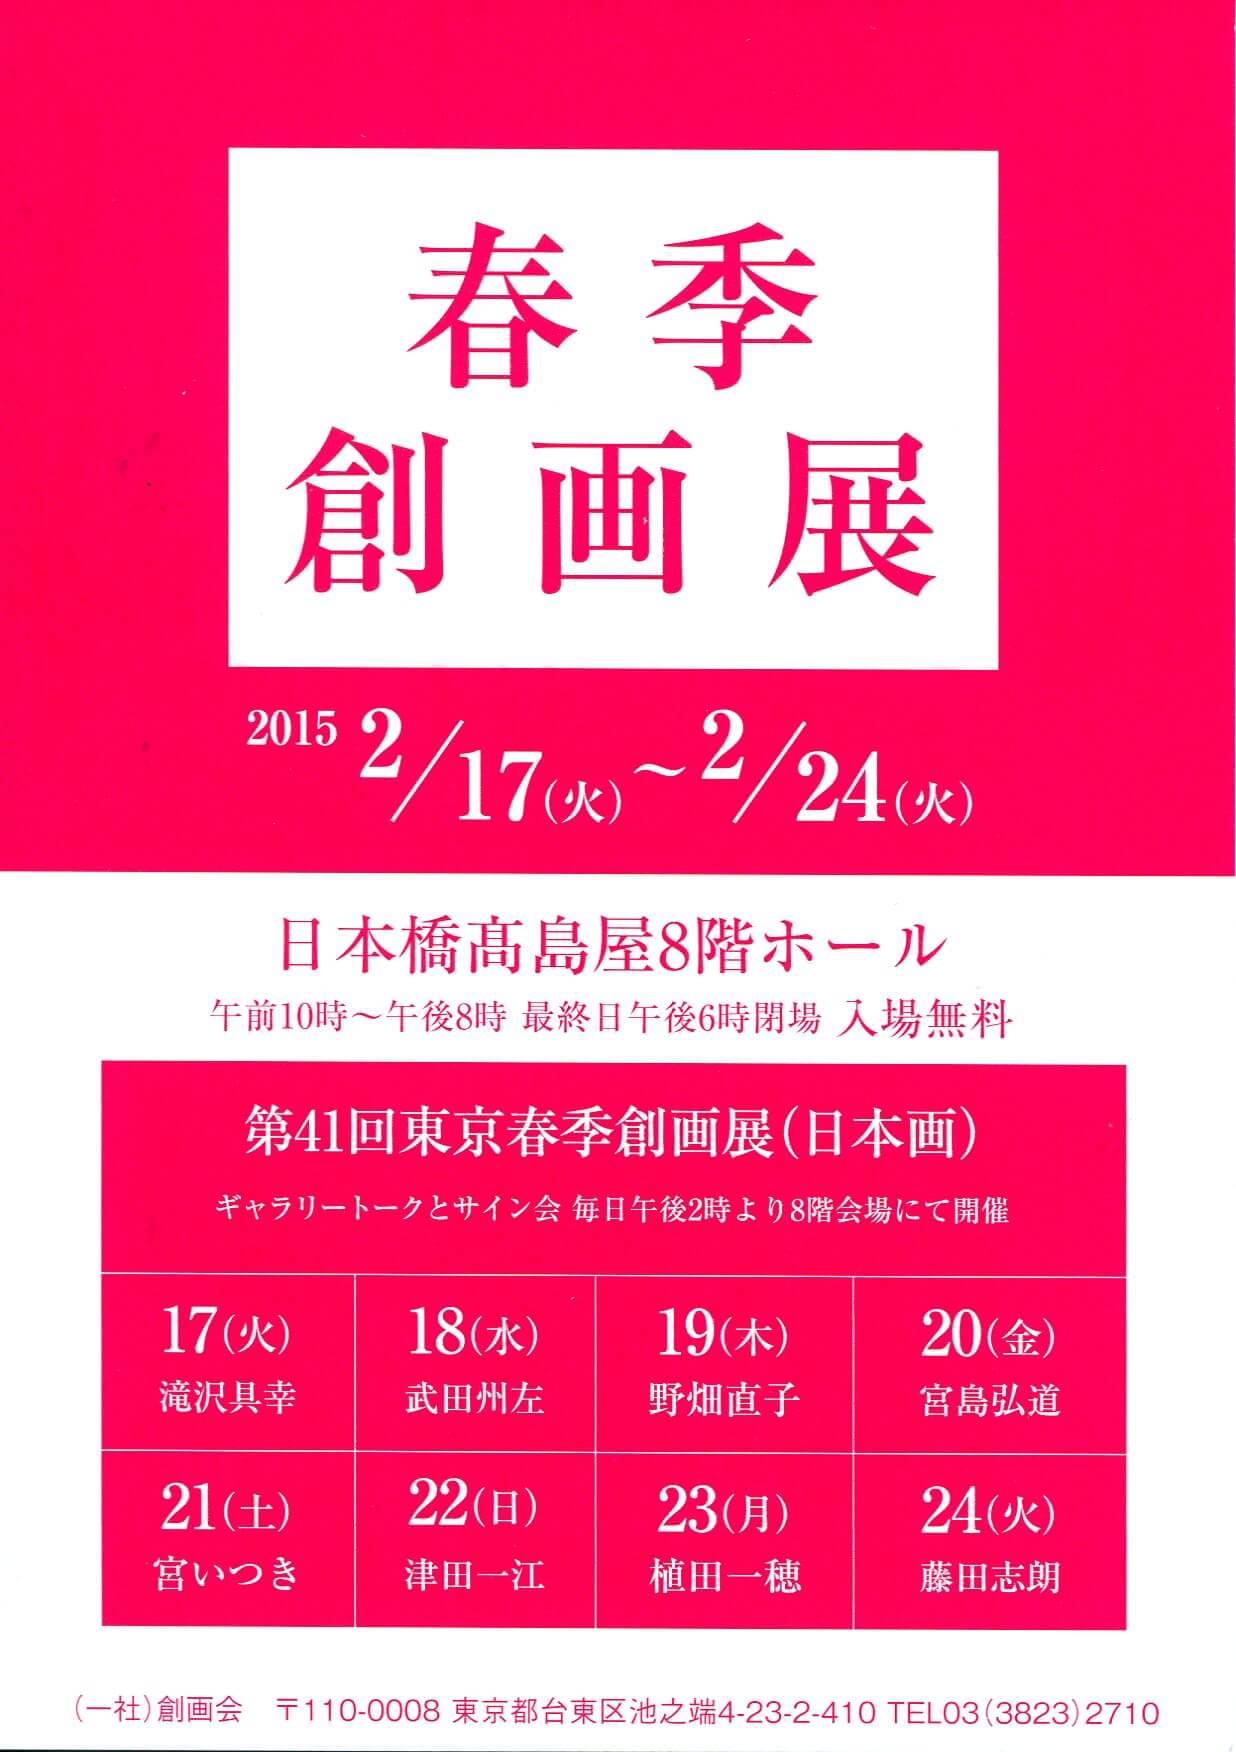 第41回東京春季創画展